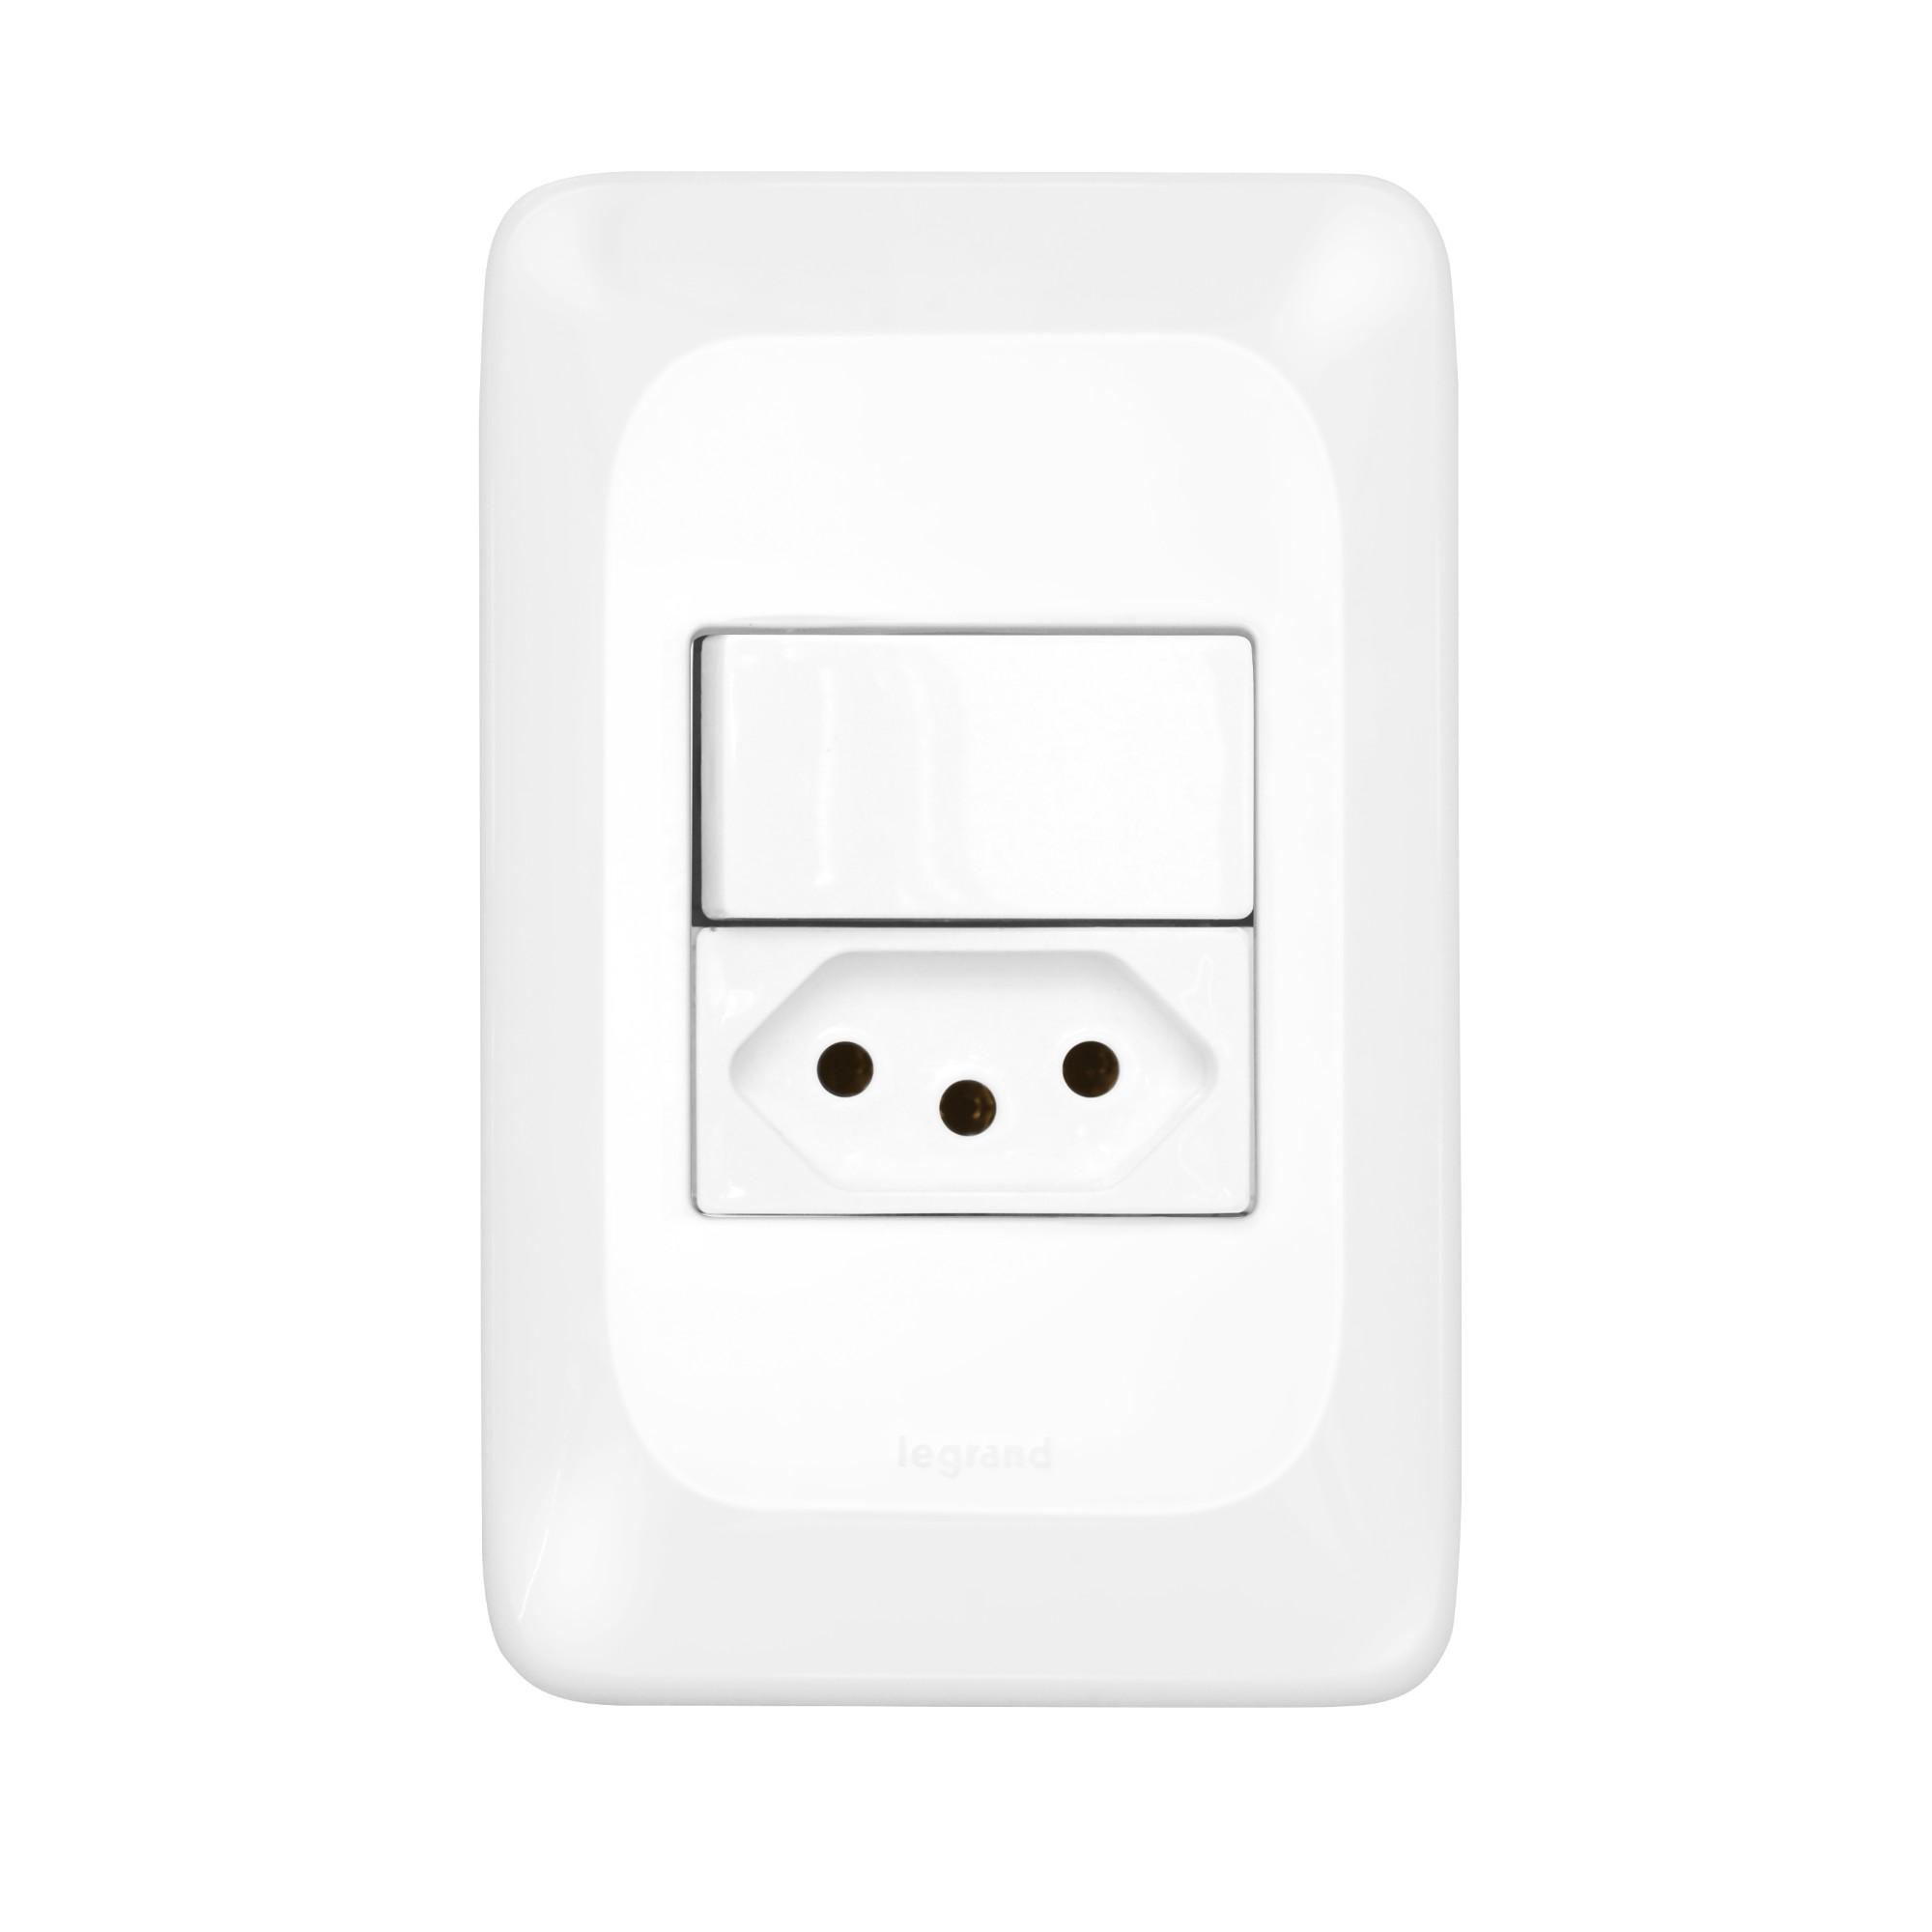 Conjunto 1 Interruptor Paralelo 1 Tomada 10A 2PT Linha POP 4x2 Branco - Legrand